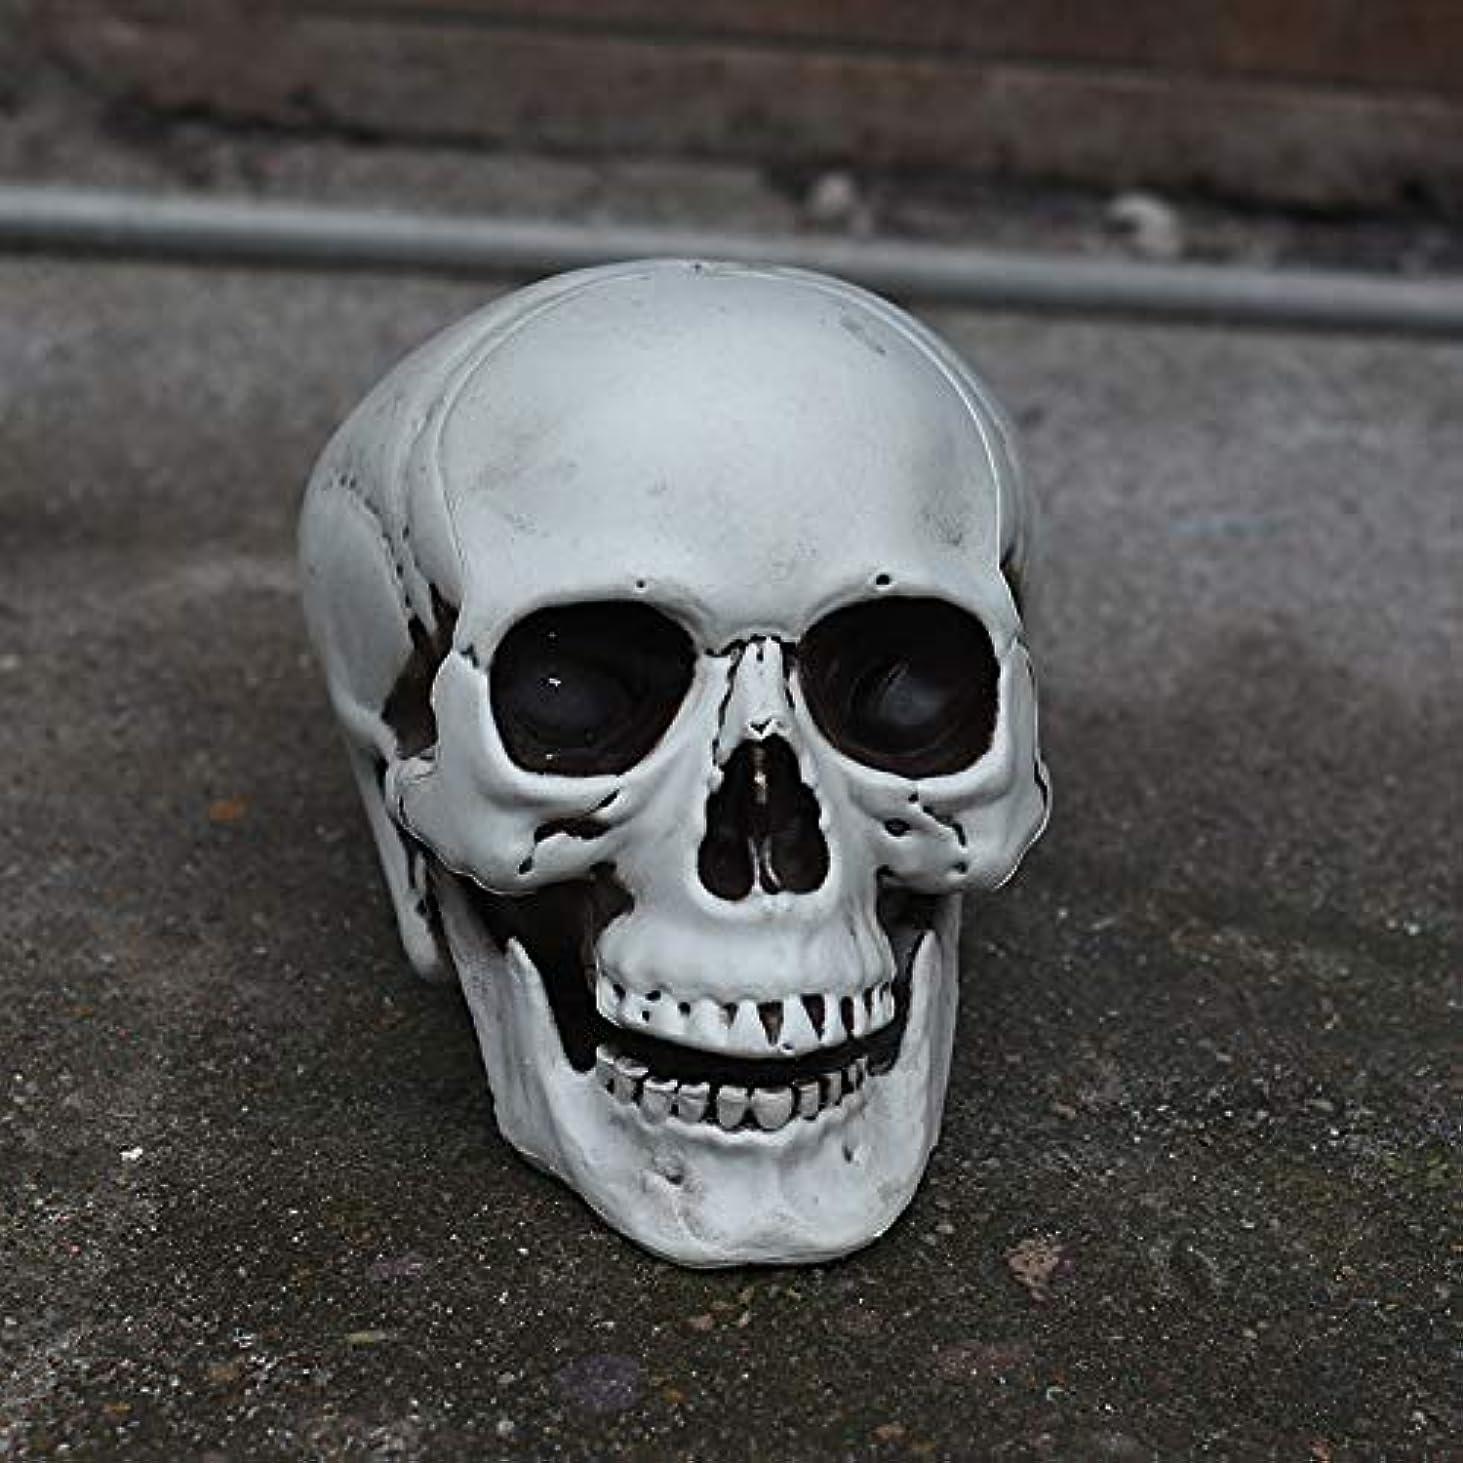 うまれた詐欺クランプETRRUU HOME ハロウィーンホラーシミュレーションスカル装飾品全体おかしいおもちゃバーお化け屋敷秘密の部屋怖い装飾小道具